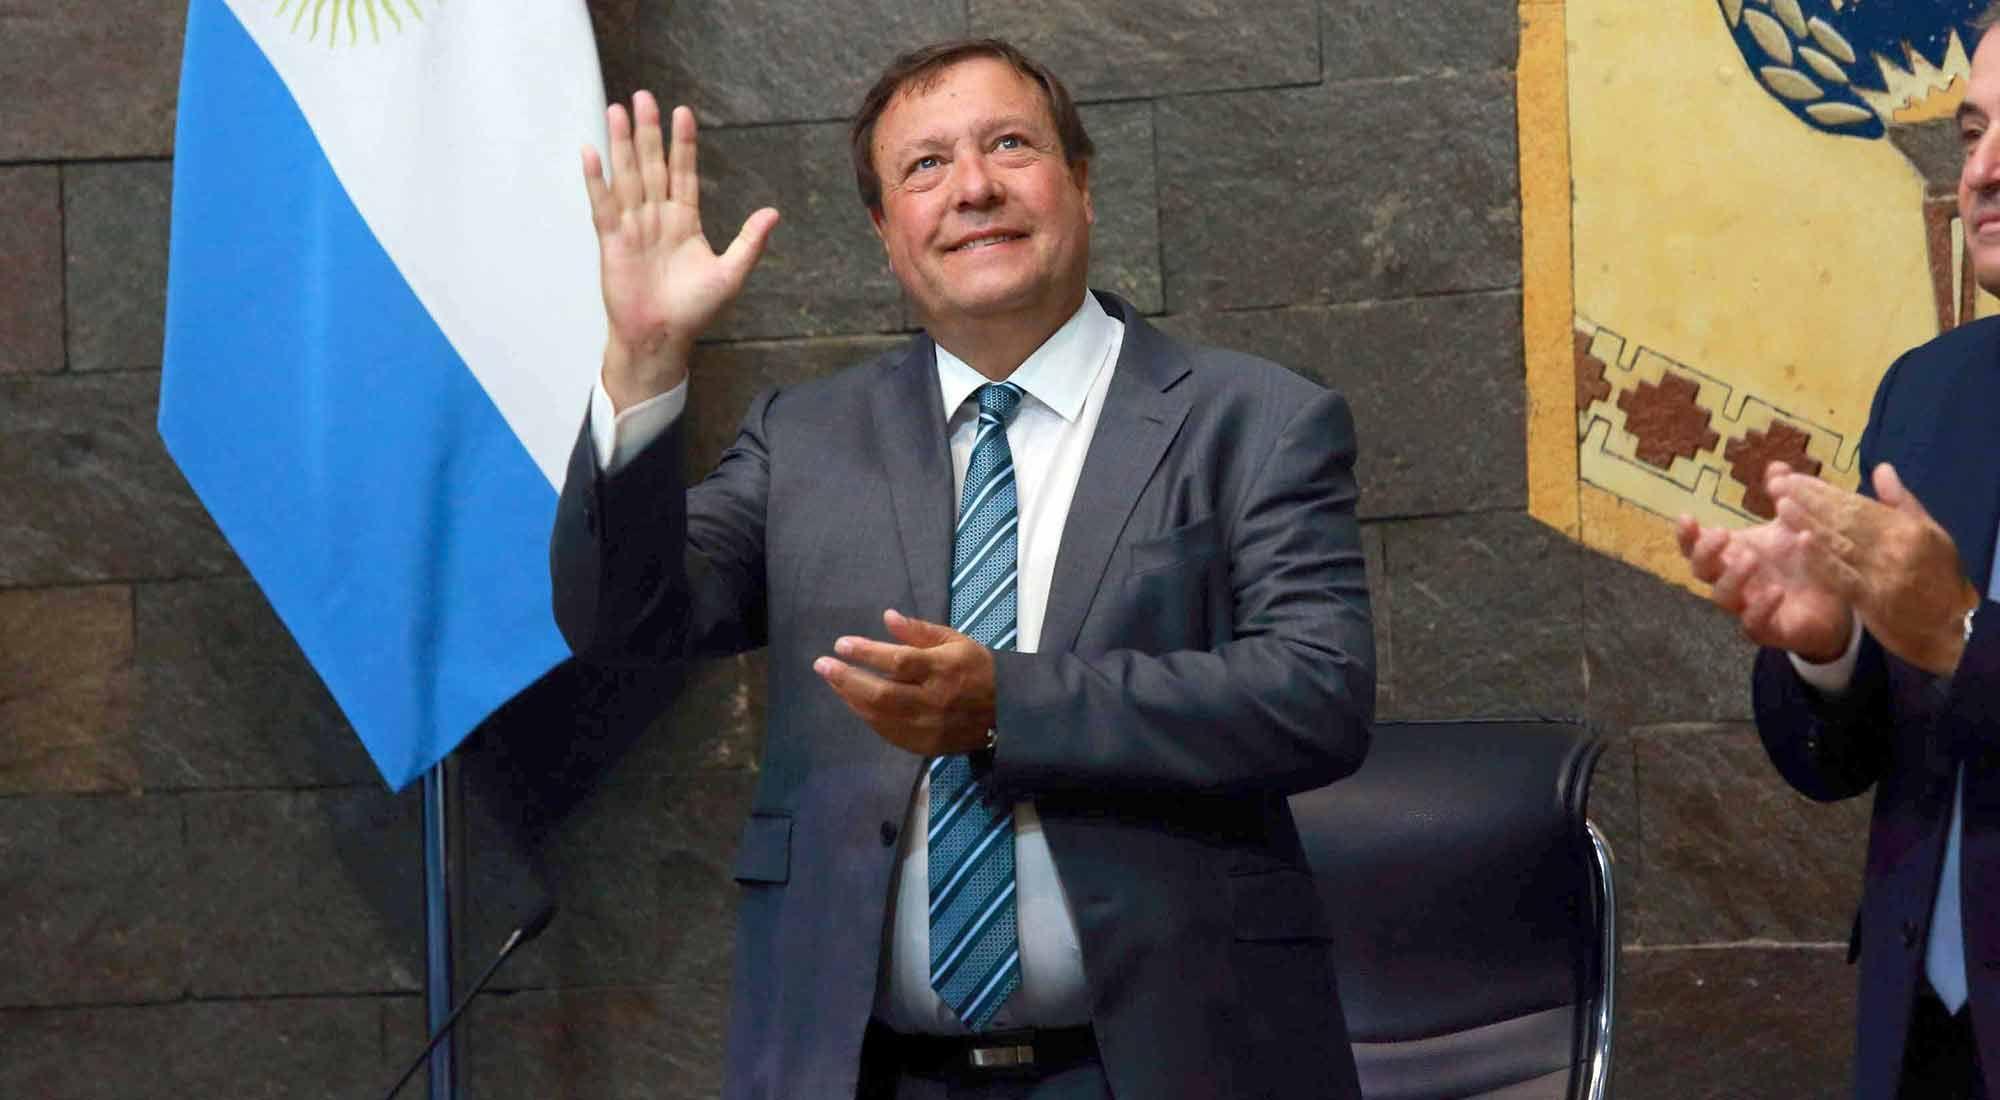 Habilitan la candidatura por la re-reelección del gobernador Alberto Weretilneck